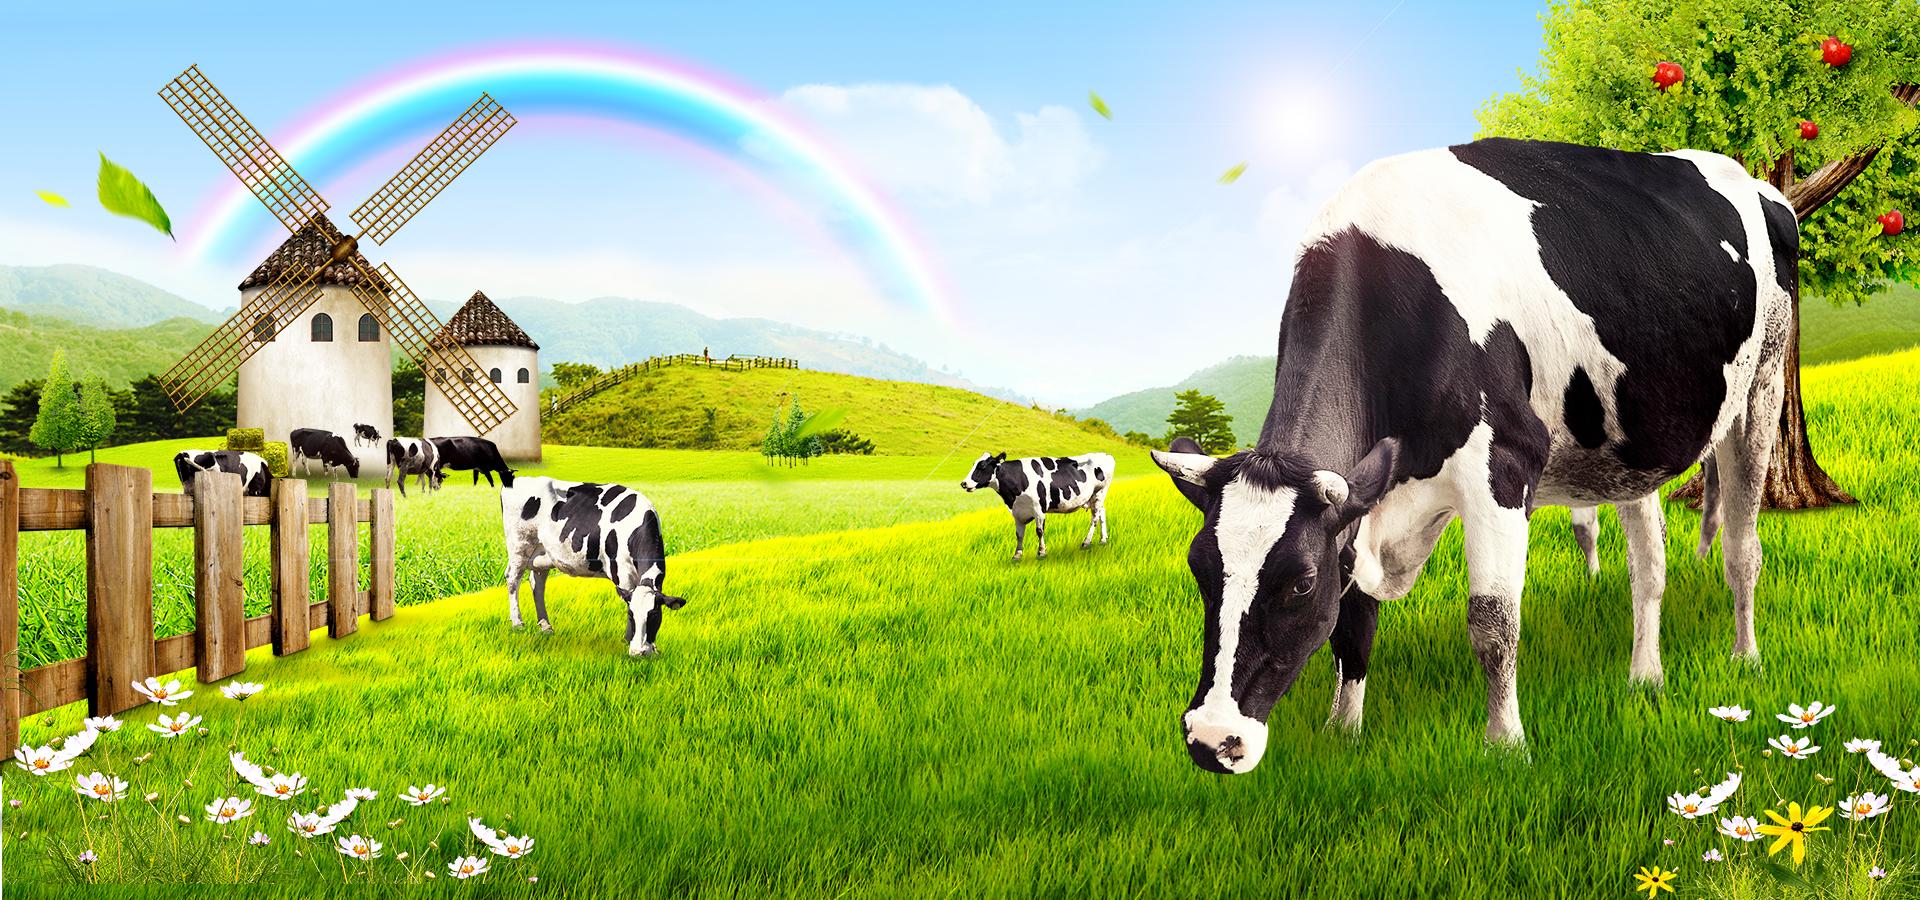 Green Grass Prairie Rainbow Apple Cows Windmills River